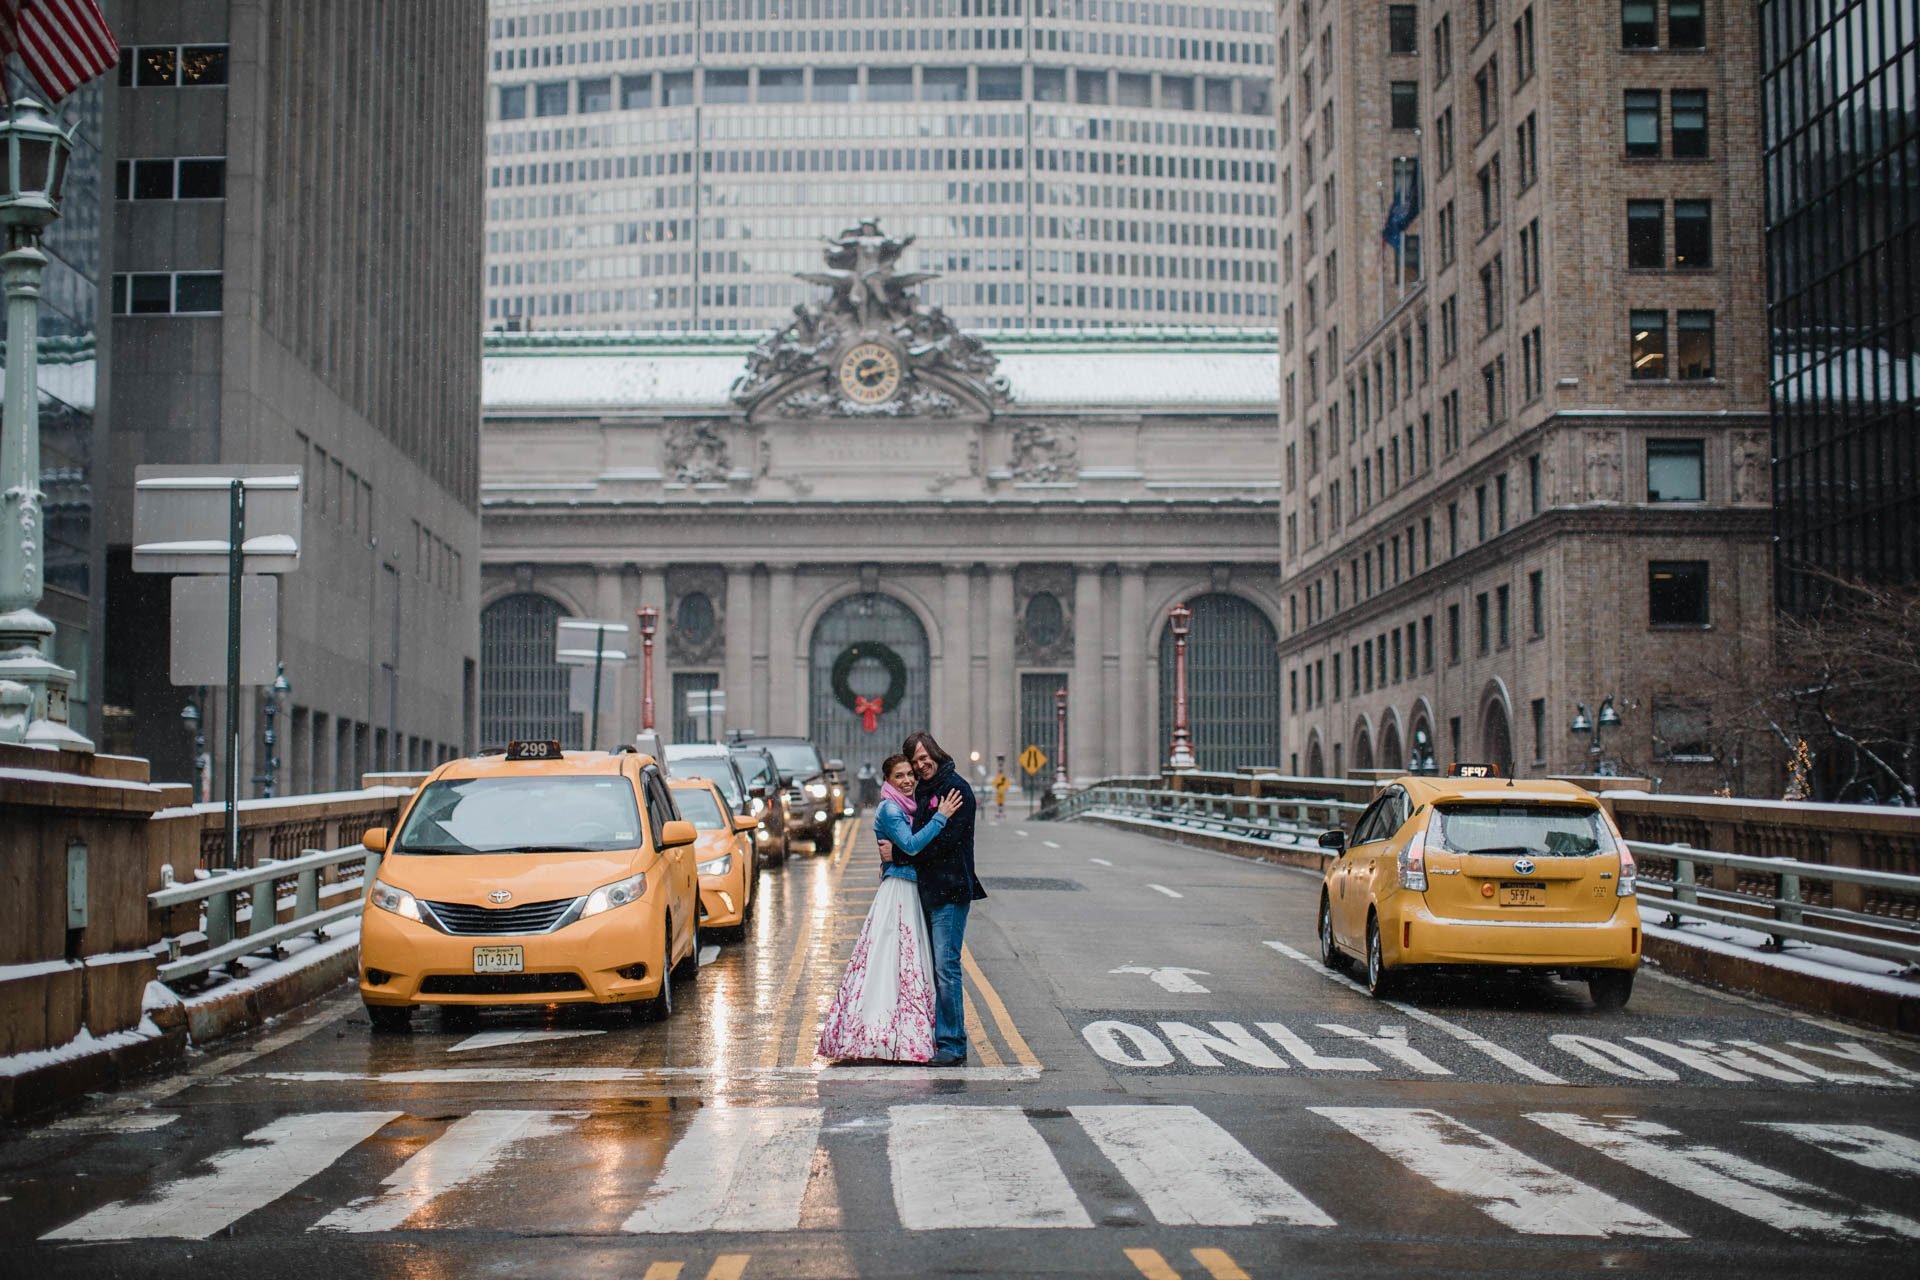 Brautpaar in Ney York zwischen Yellow Carbs